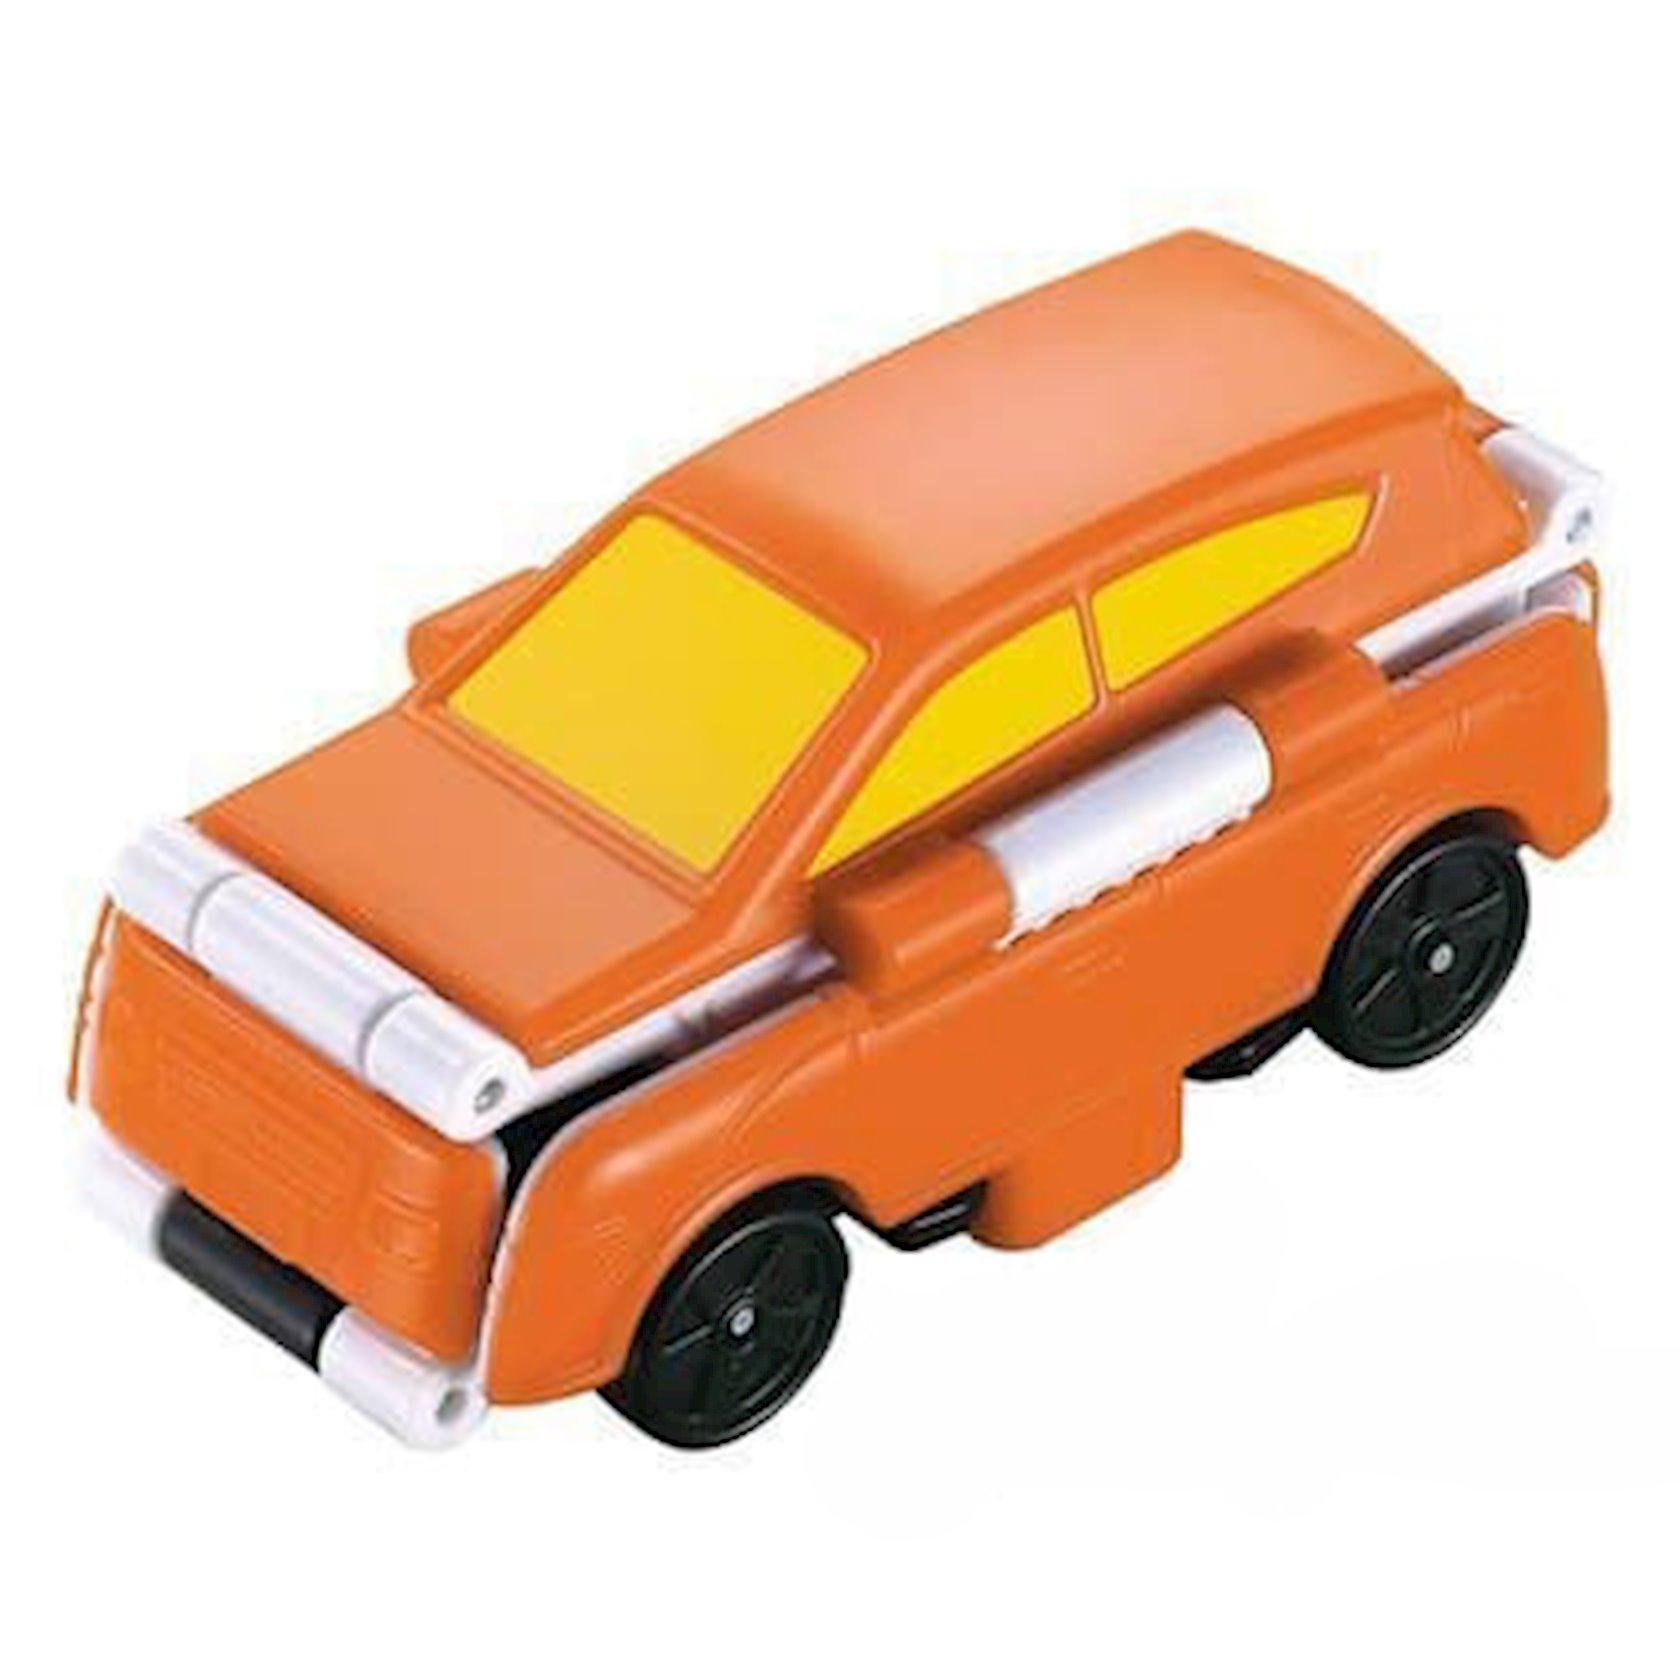 Maşın-transformer TransRacers Ambulance & SUV, 3+ yaş, plastik, ağ/qırmızı